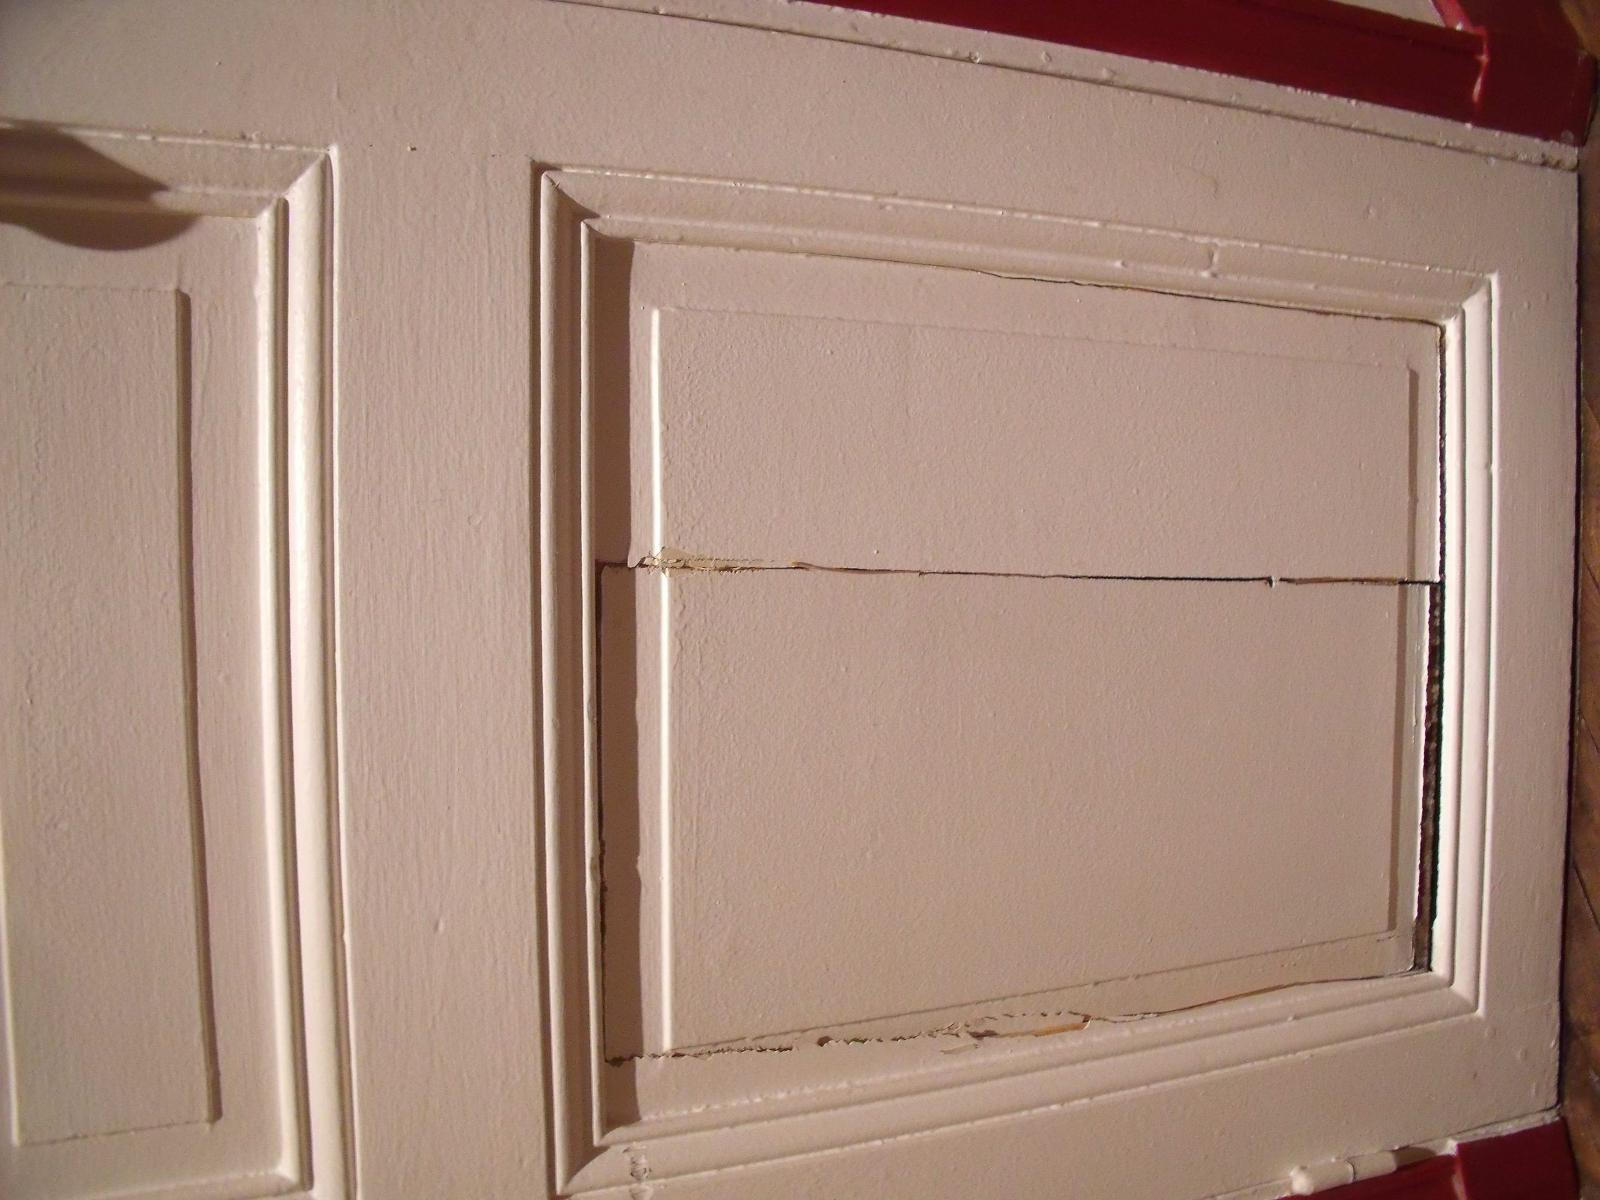 Réparer porte intérieure cassée # Reparer Porte Bois